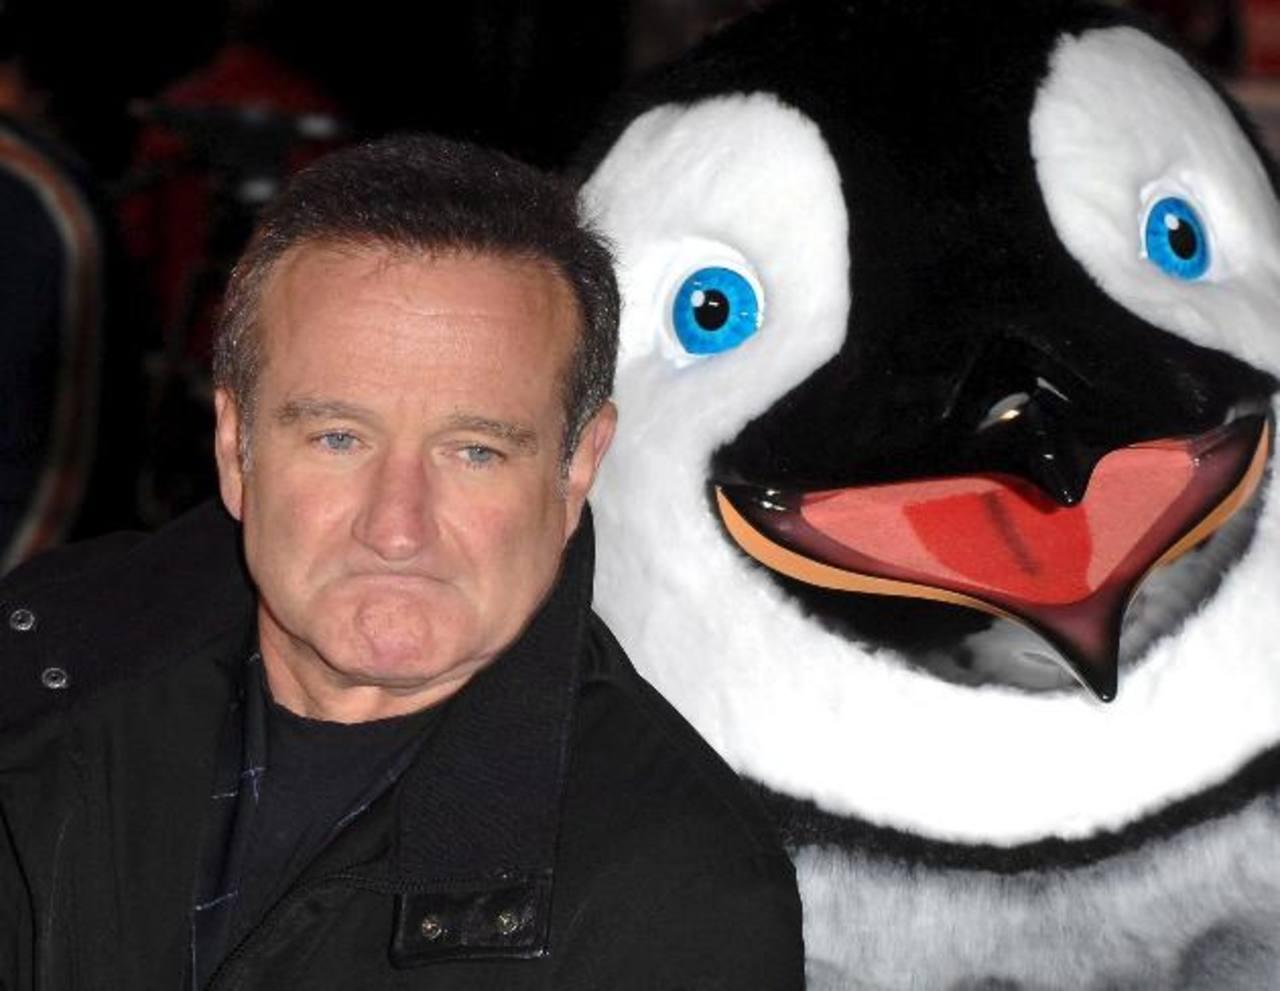 El actor Robin Williams se suicidó el mes pasado. El suicidio está relacionado con la depresión, problemas mentales o sobrevivientes de violencia, guerras, etc.